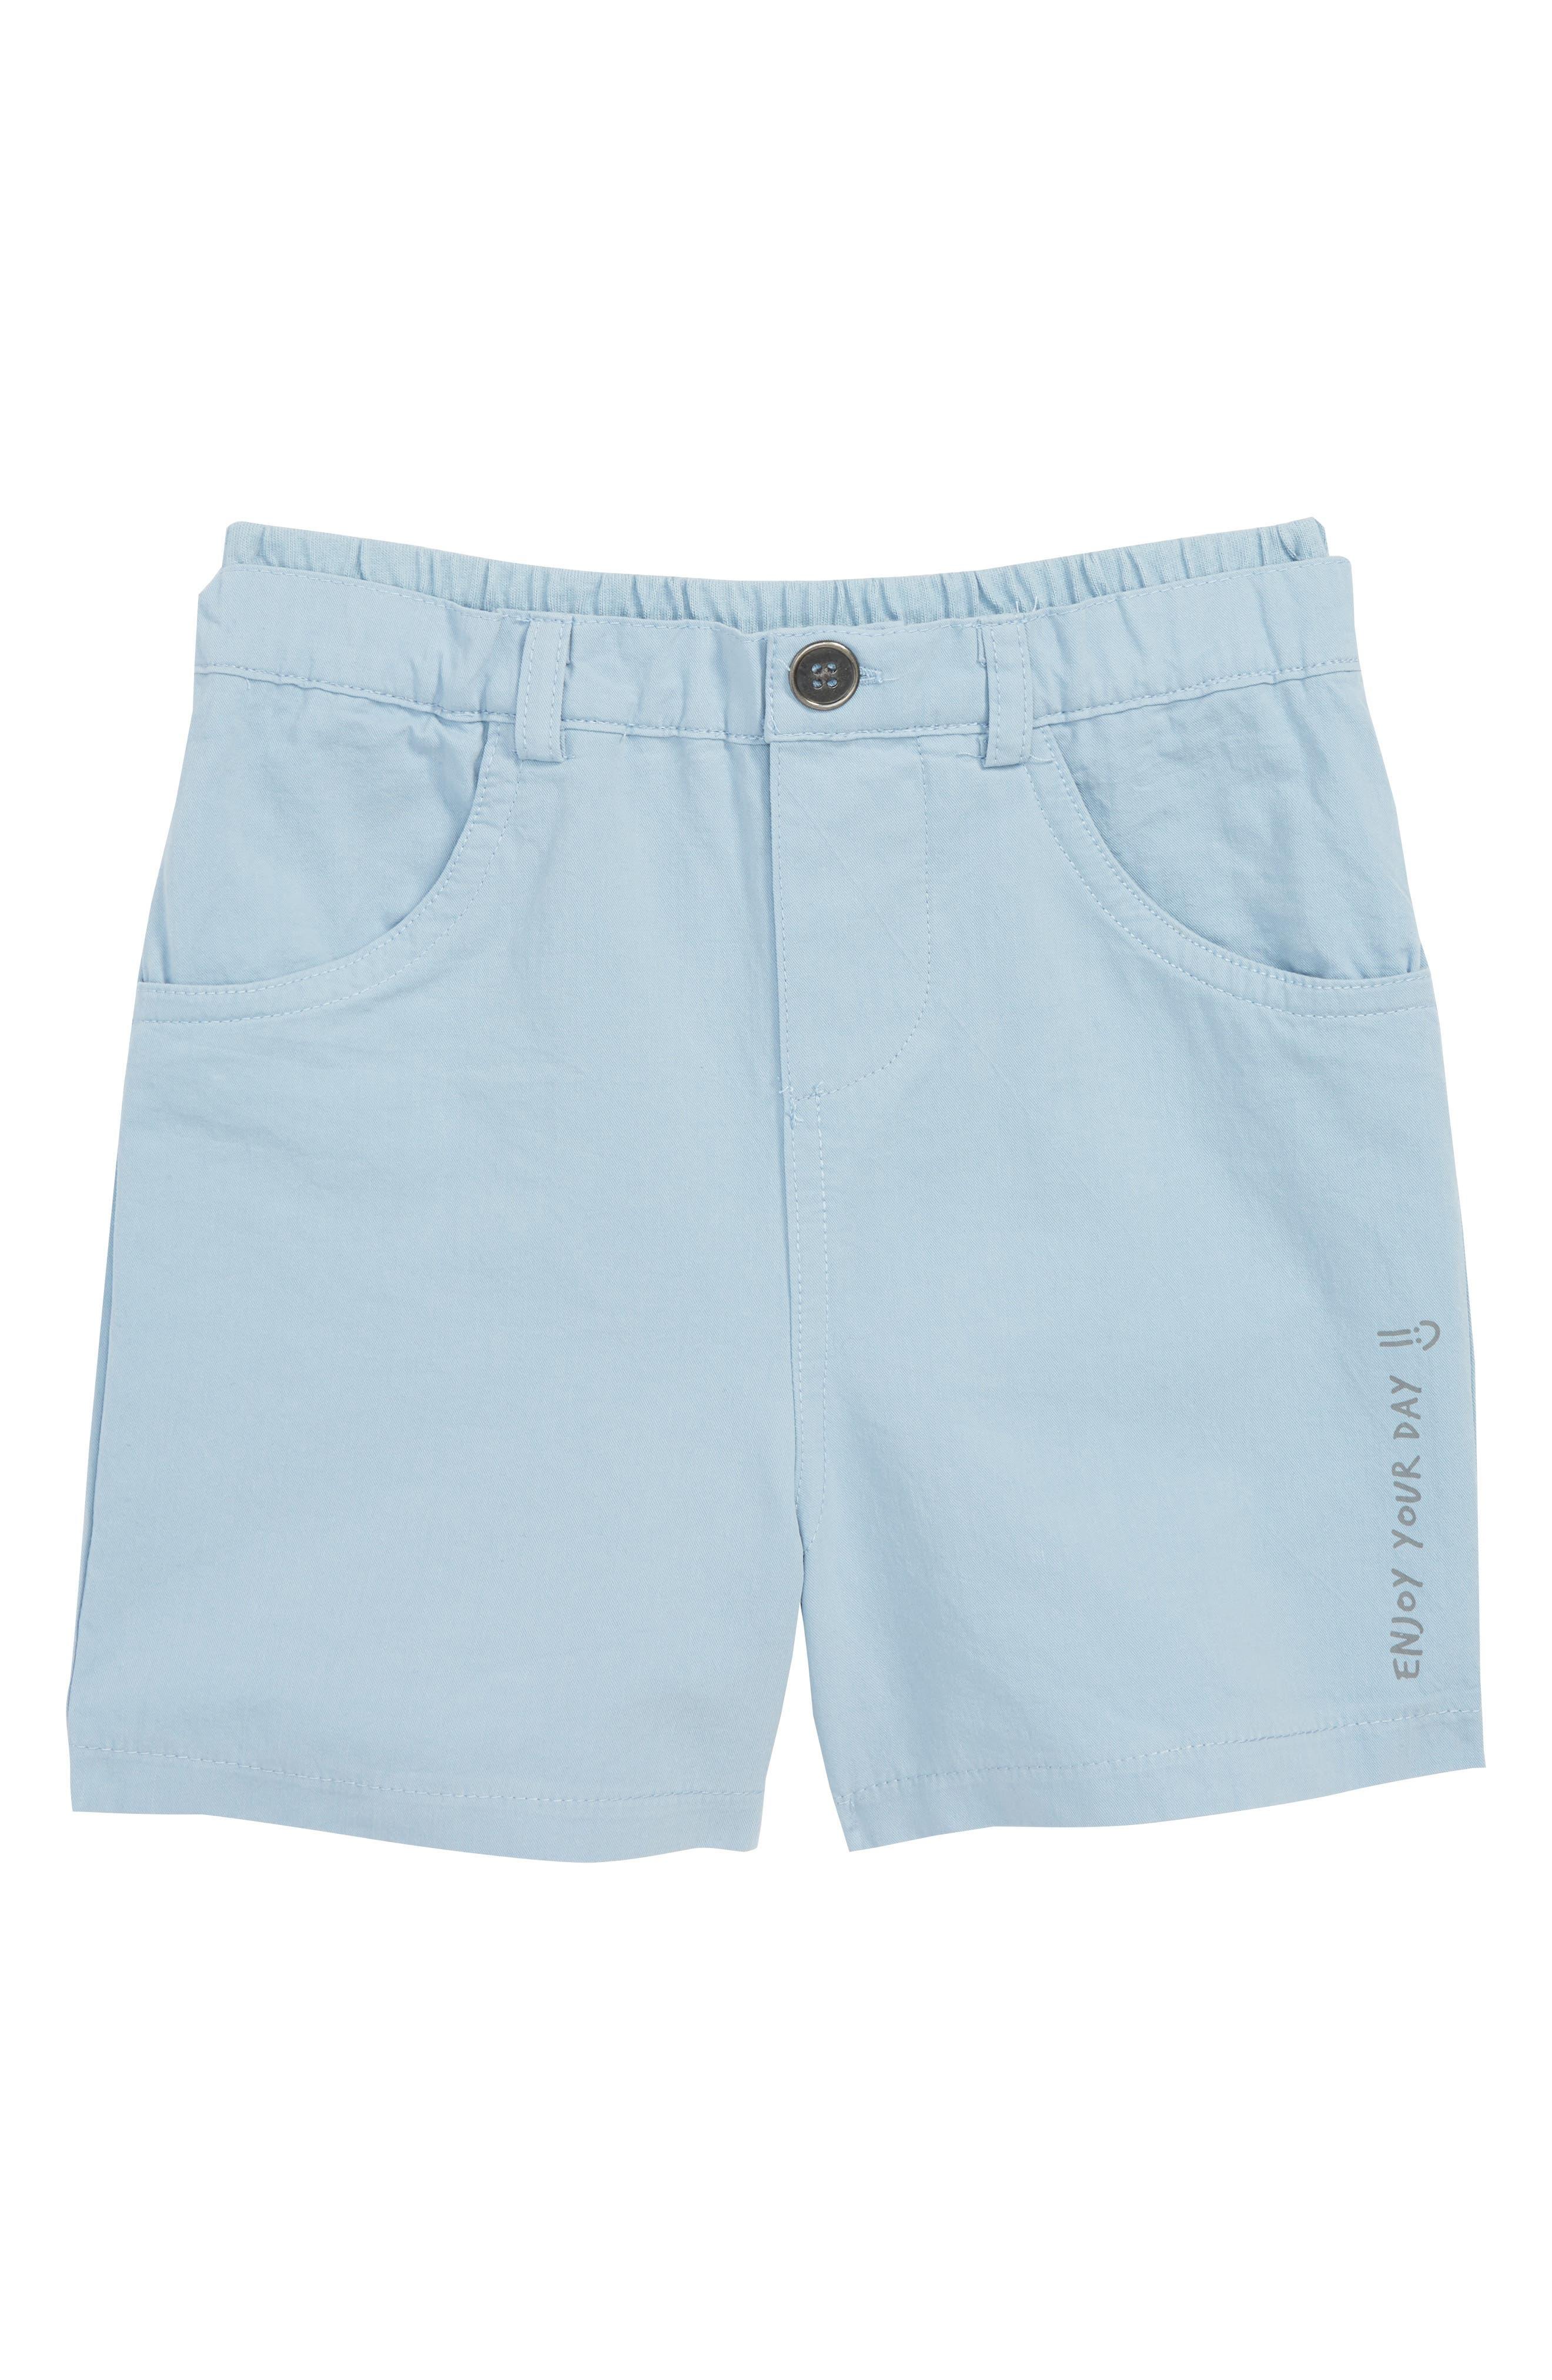 Enjoy Shorts,                         Main,                         color, 420